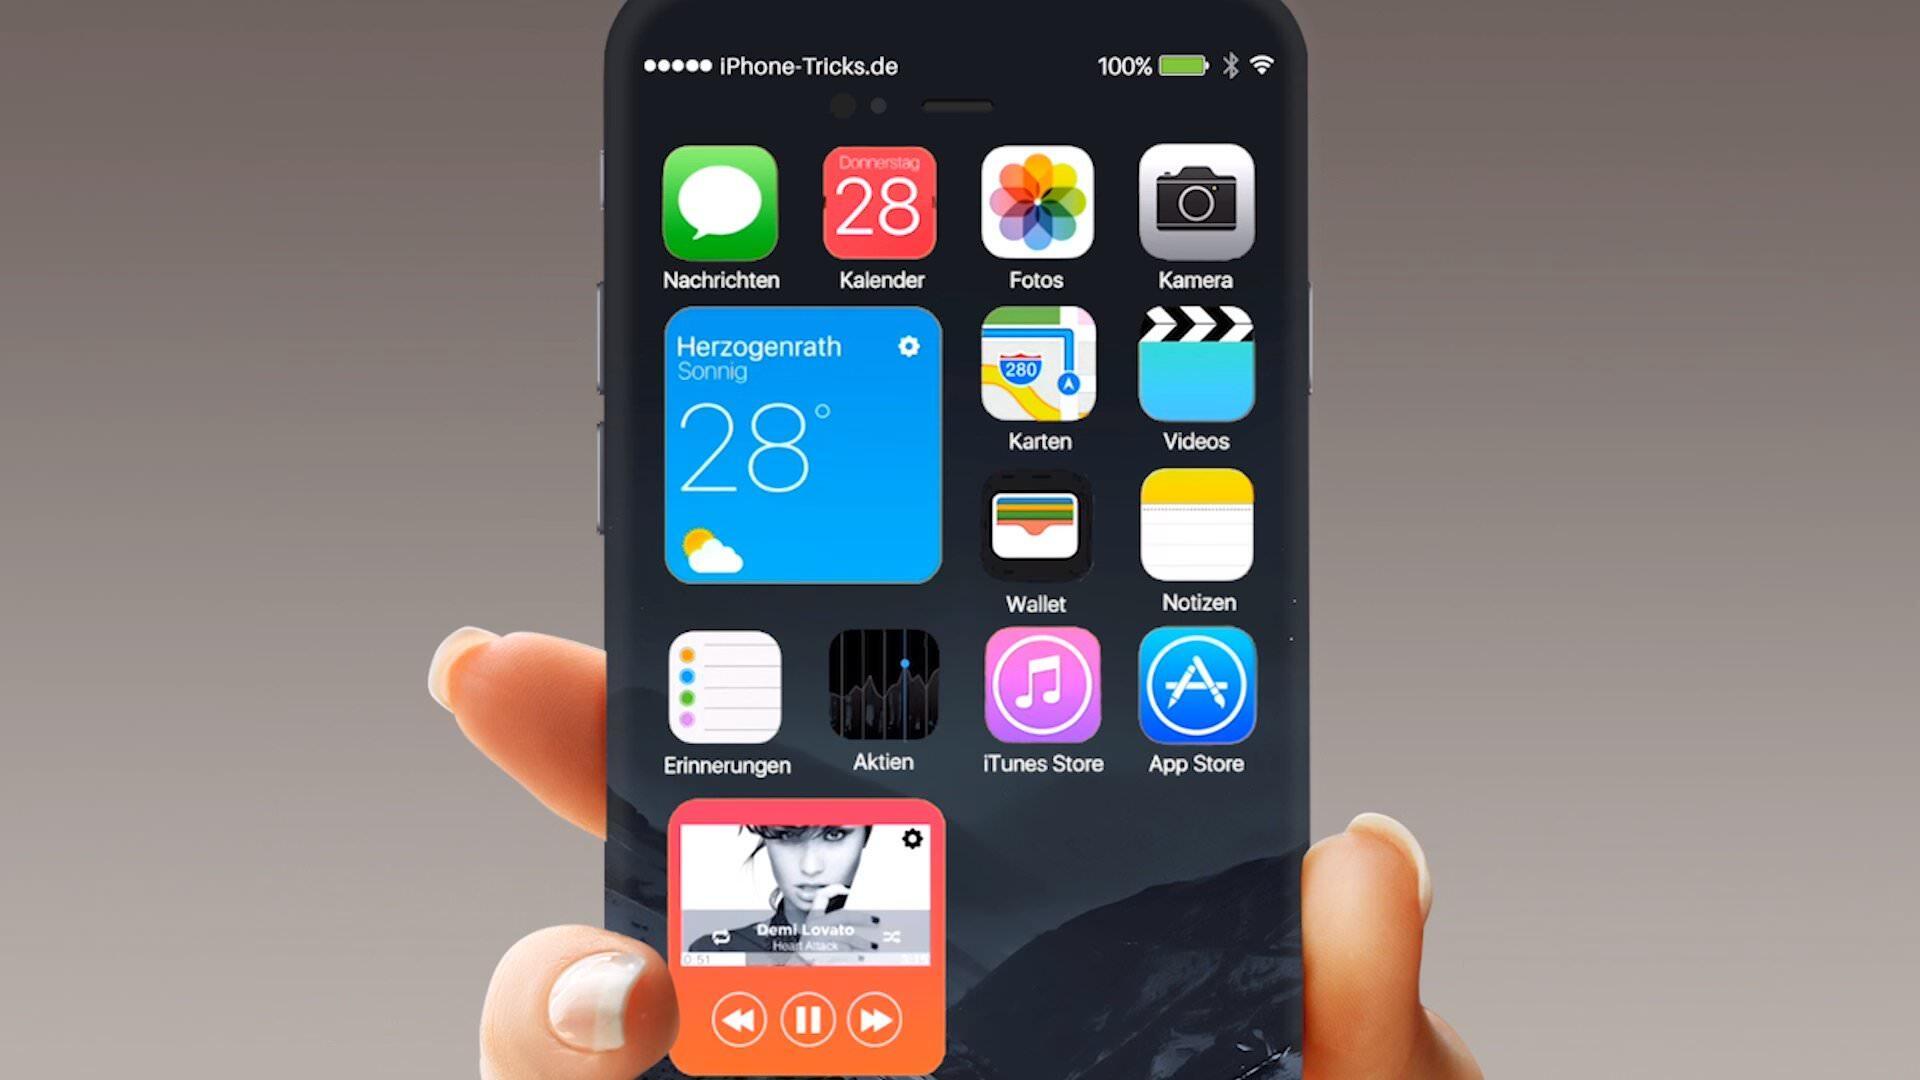 「iPhone 7」のコンセプトムービーがちょっと良いかもと思った